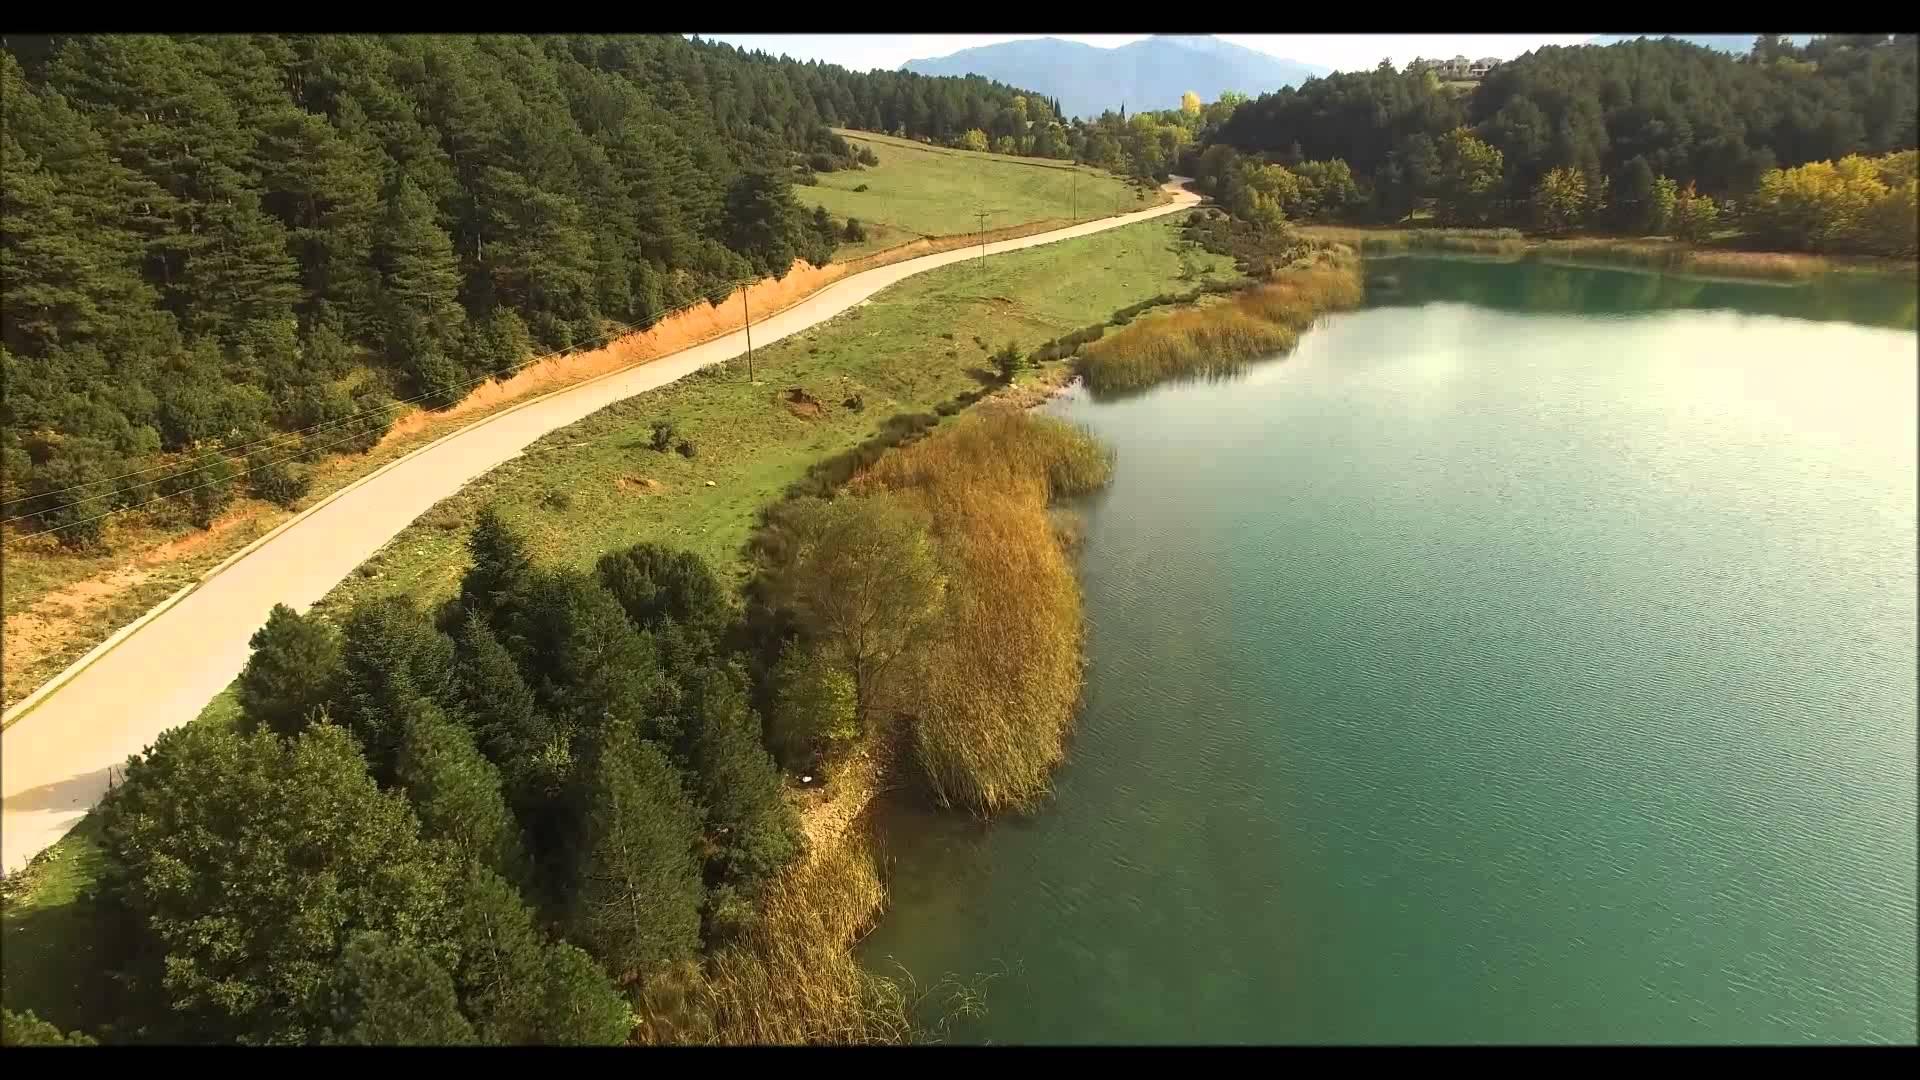 λιμνη δοξα